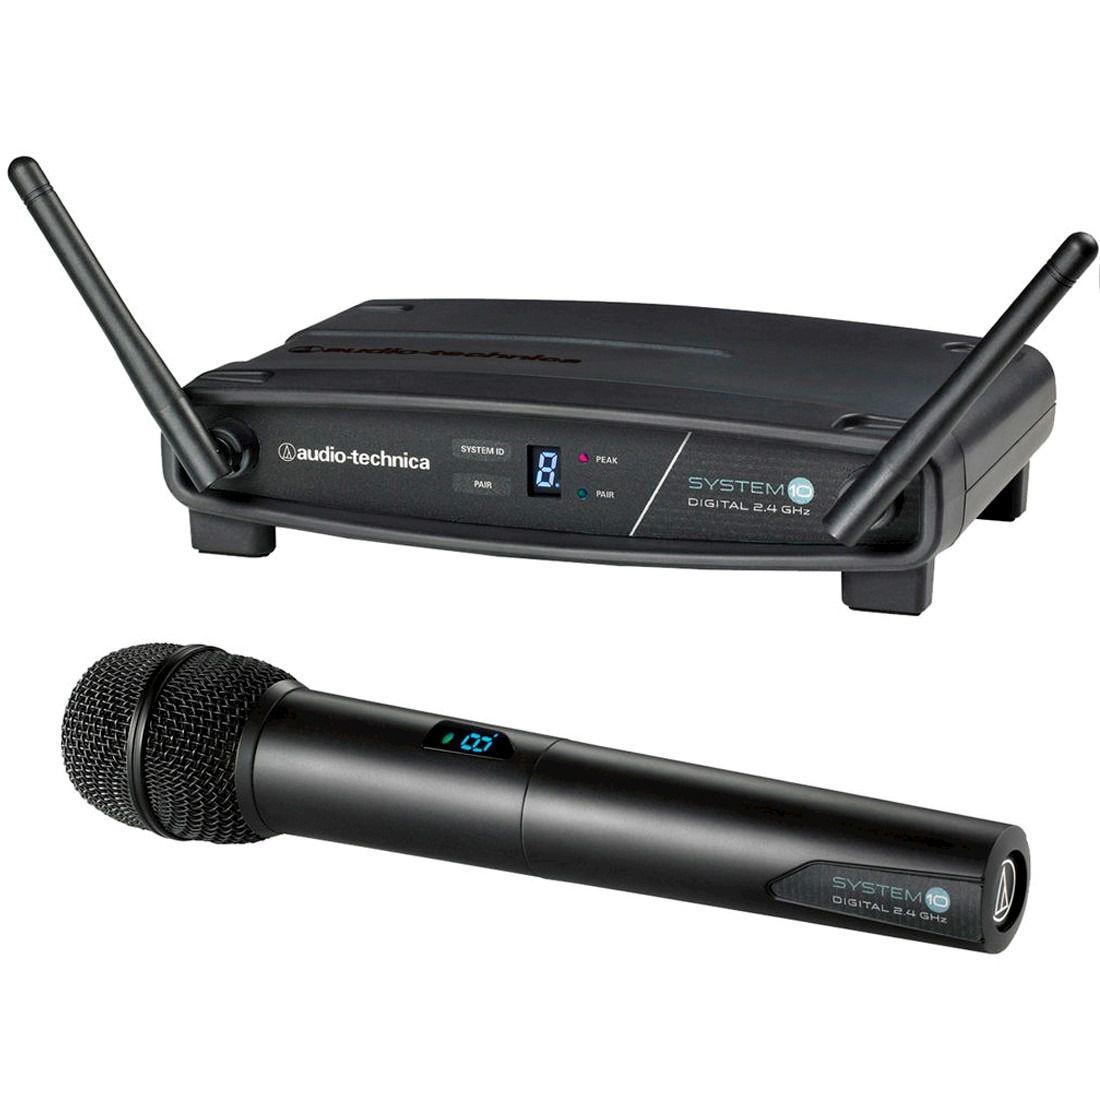 TRANSMISSOR COM RECEPTOR SEM FIO BASTAO AUDIO-TECHNICA ATW-1102 - FREQ. 2.4 GHZ